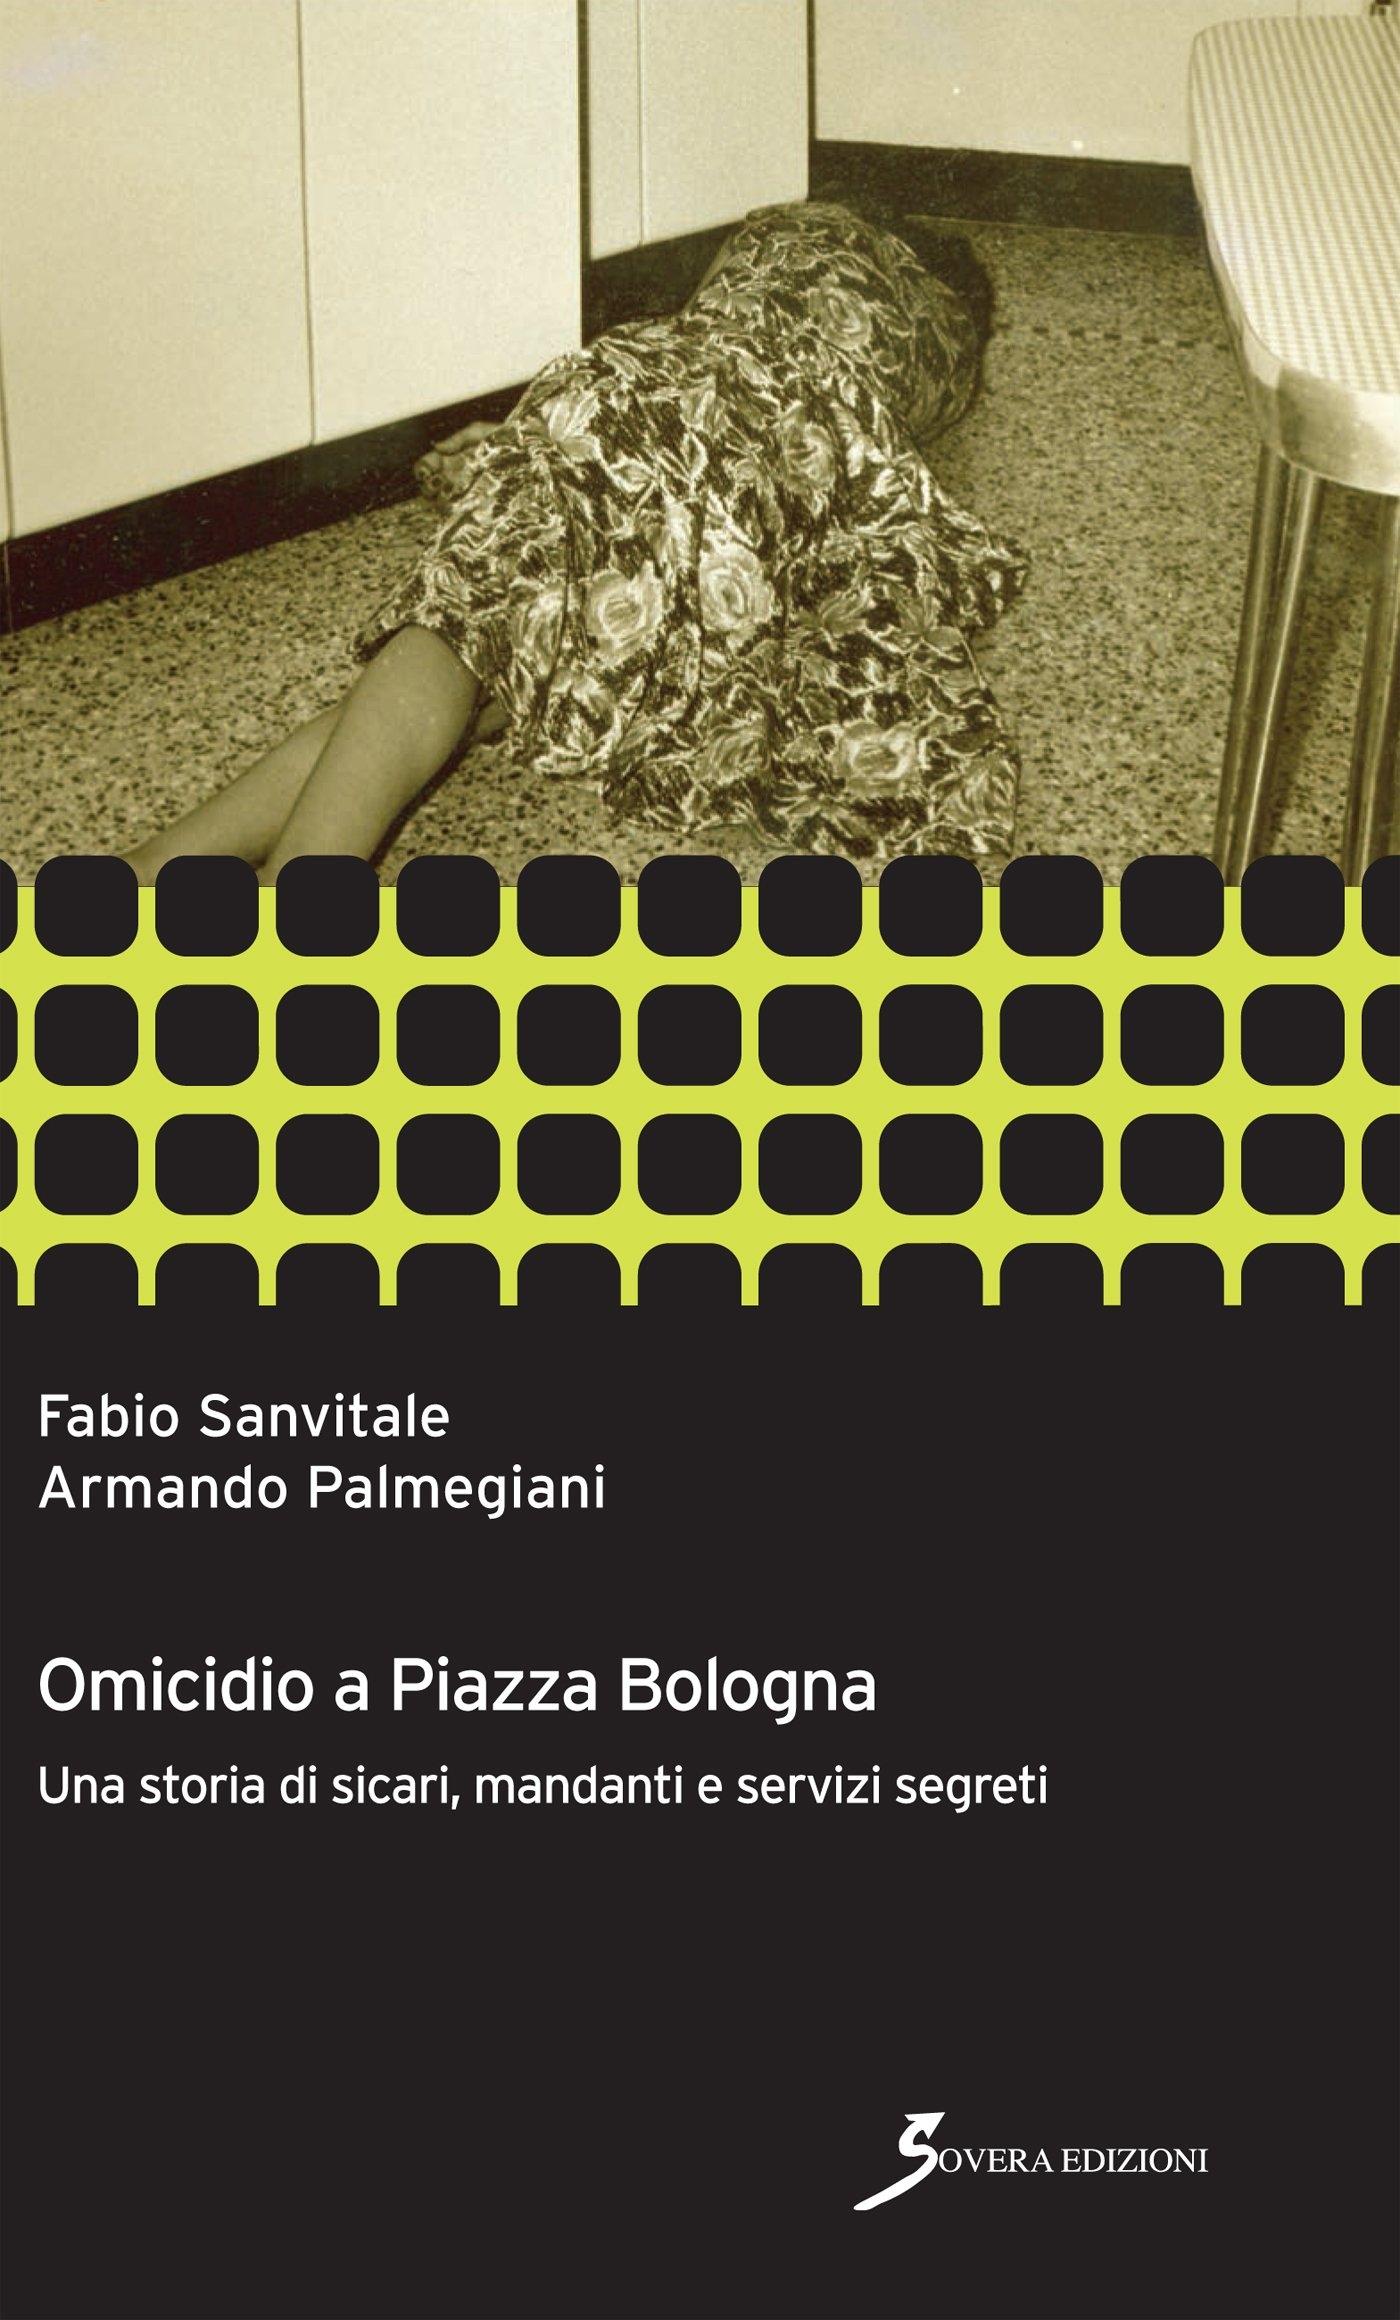 Omicidio a piazza Bologna. Una storia di sicari, manadanti e servizi segreti